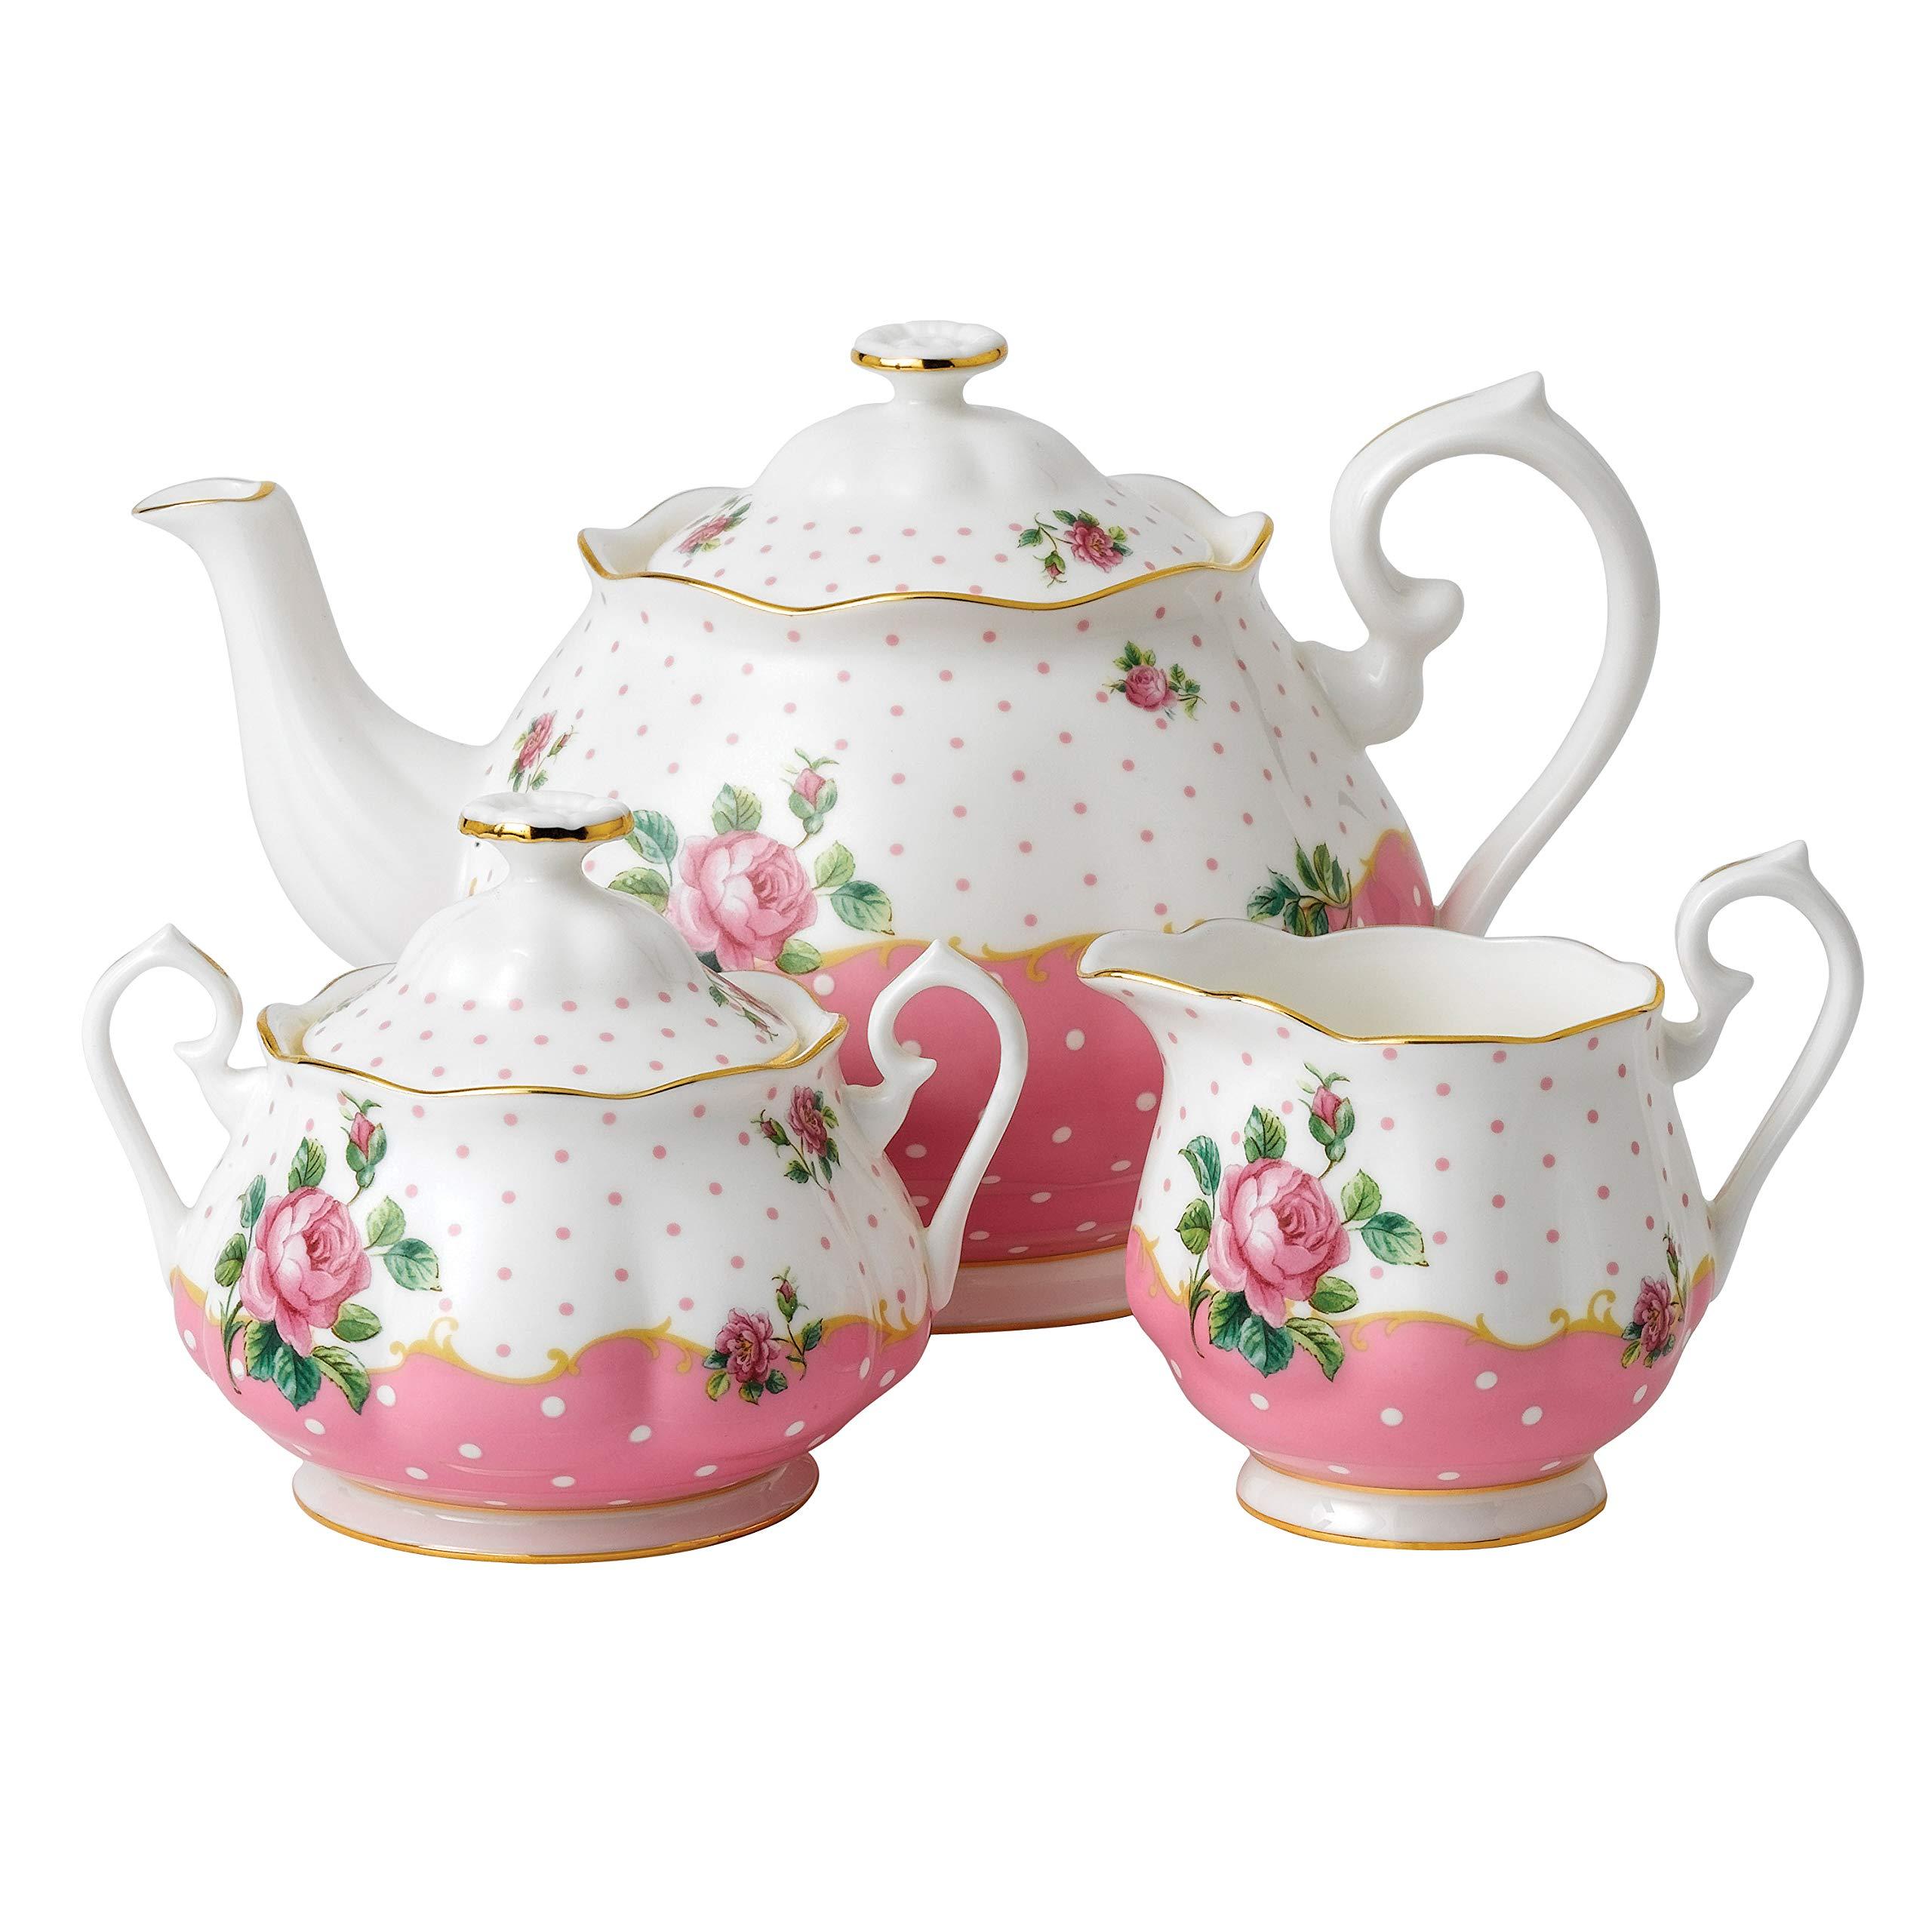 Cheeky Pink 3-Piece Set (Teapot, Sugar & Creamer)